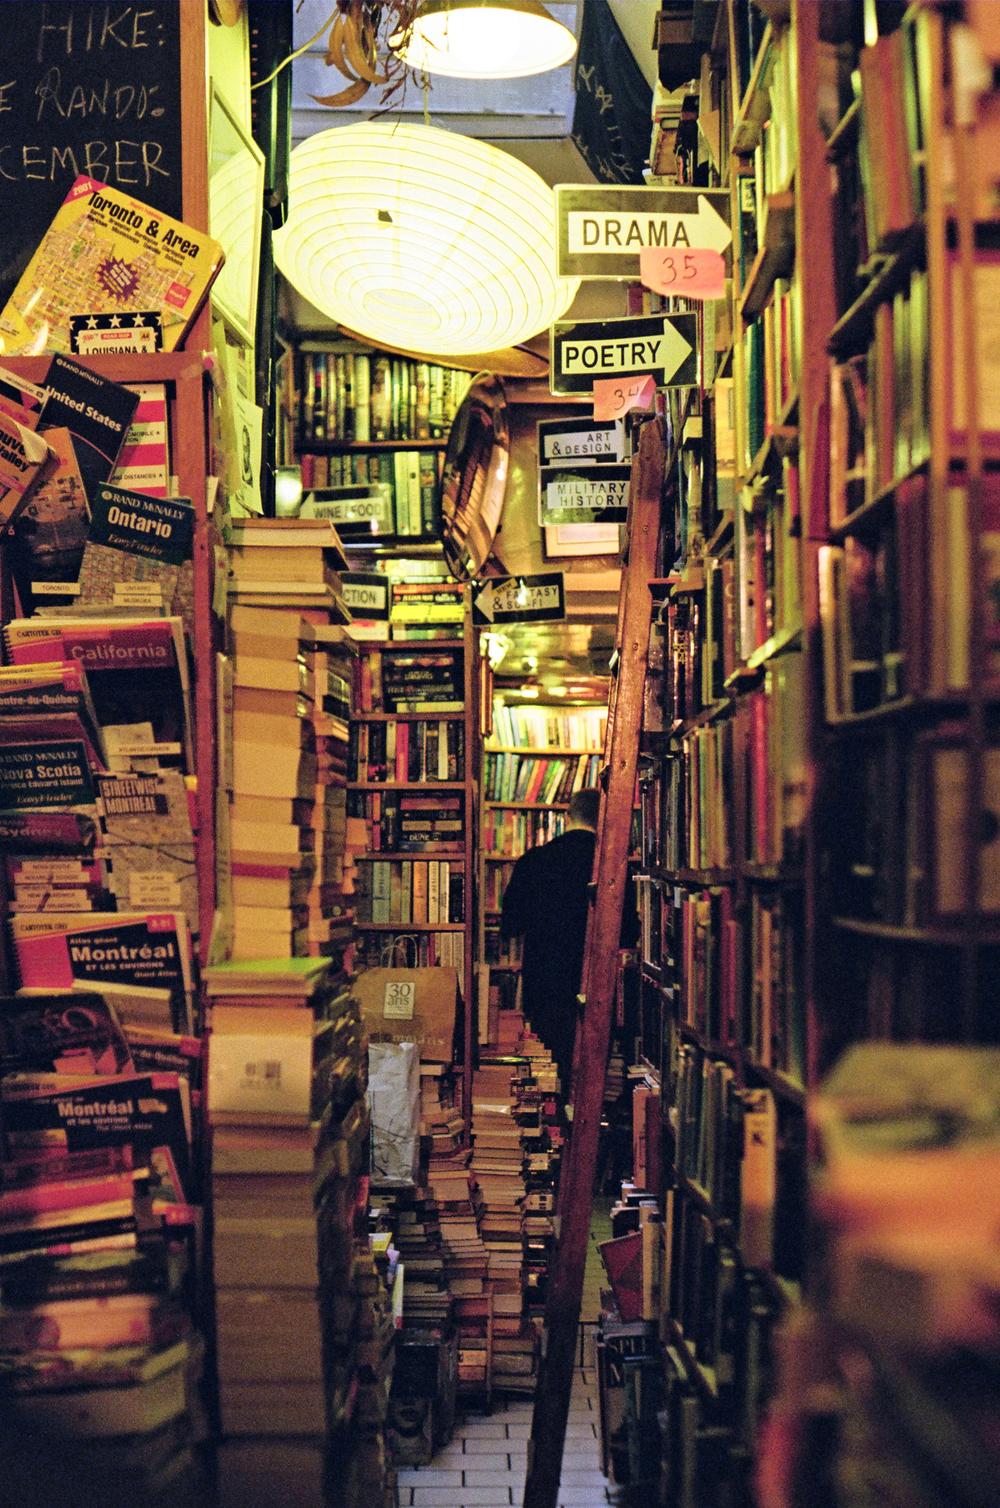 paris-book-store_35mm-film_flyotw